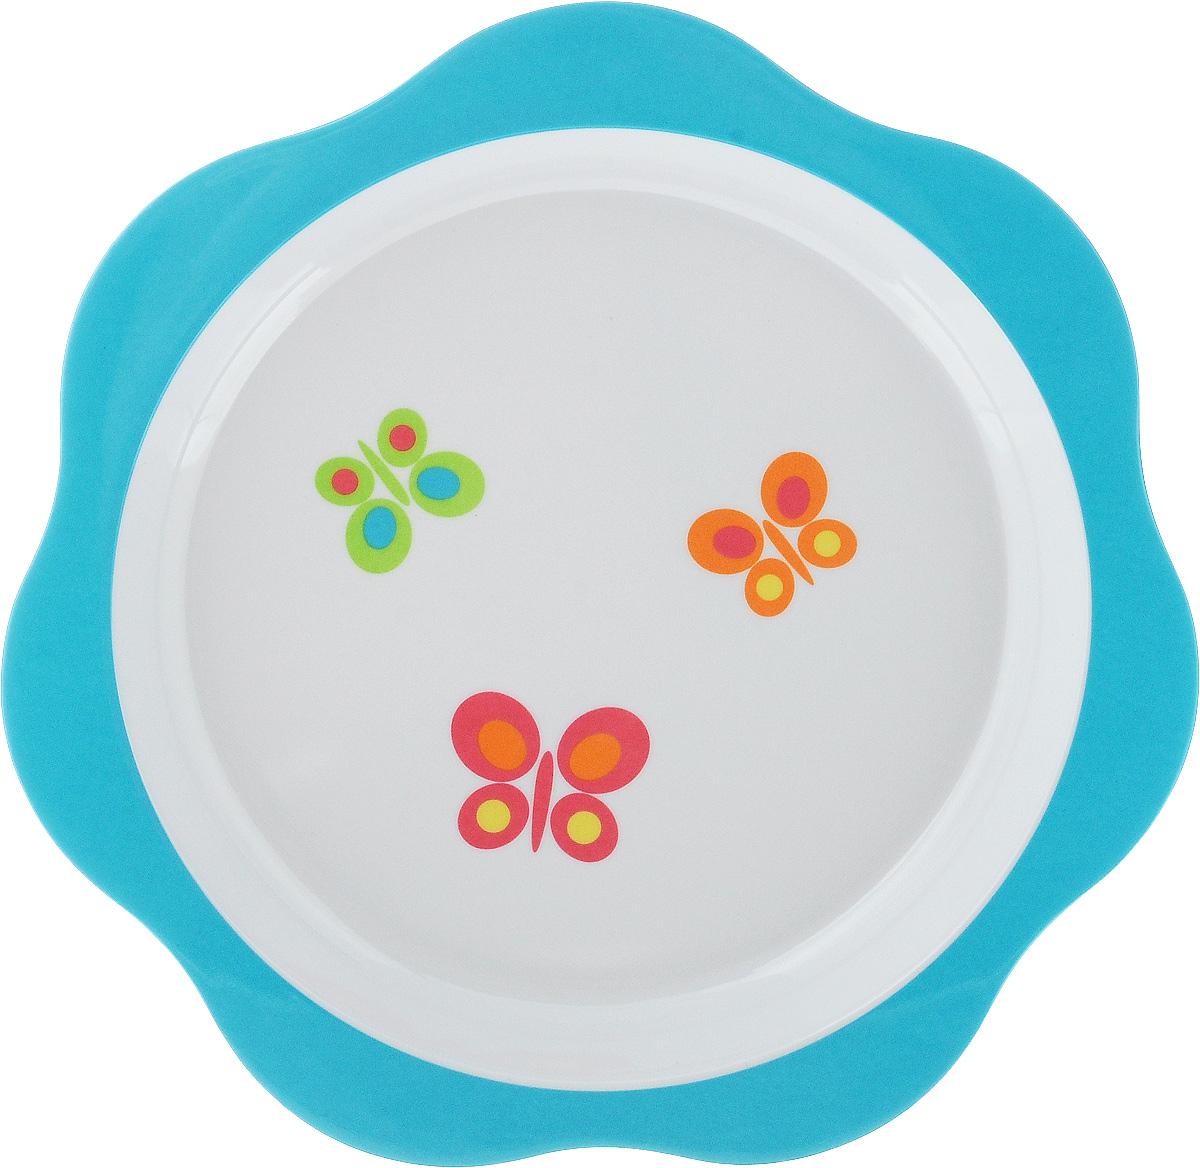 Тарелка детская Tescoma Bambini. Бабочки, цвет: голубой, белый, диаметр 22 см668012_голубойДетская тарелка Tescoma Bambini. Бабочки изготовлена из безопасного пластика. Тарелочка, оформленная веселой картинкой забавных бабочек, понравится и малышу, и родителям! Ребенок будет с удовольствием учиться кушать самостоятельно. Тарелочка подходит для горячей и холодной пищи. Можно использовать в посудомоечной машине. Нельзя использовать в микроволновой печи. Внешний диаметр тарелки: 22 см. Внутренний диаметр тарелки: 17,7 см.